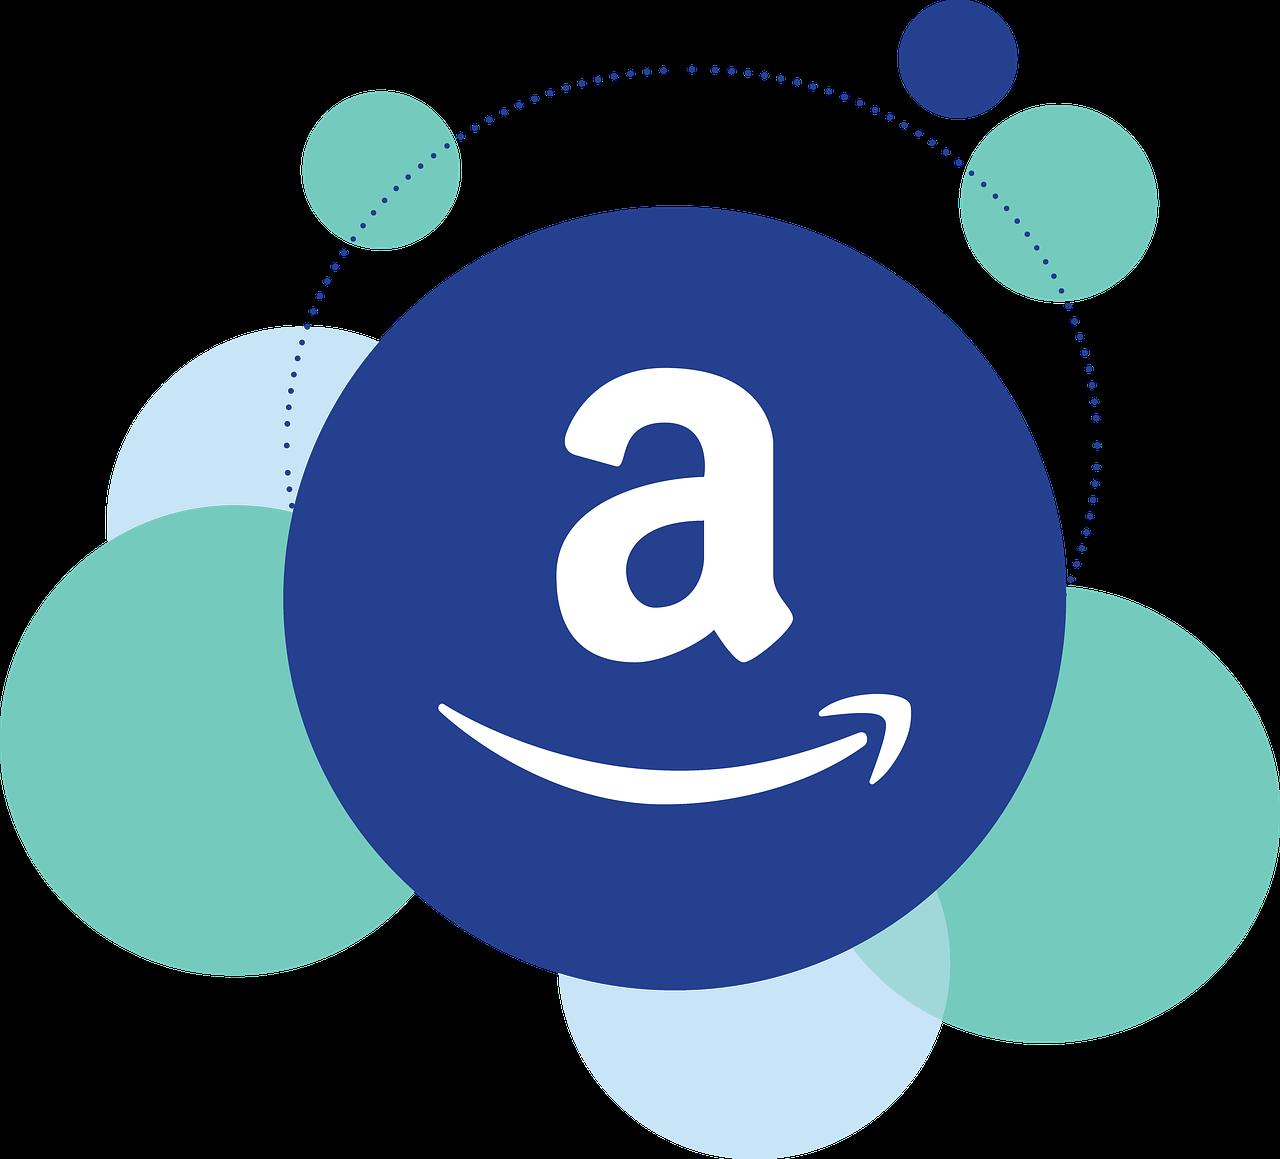 Amazonフレッシュが超便利なので、俺氏家から出ない事を決意。